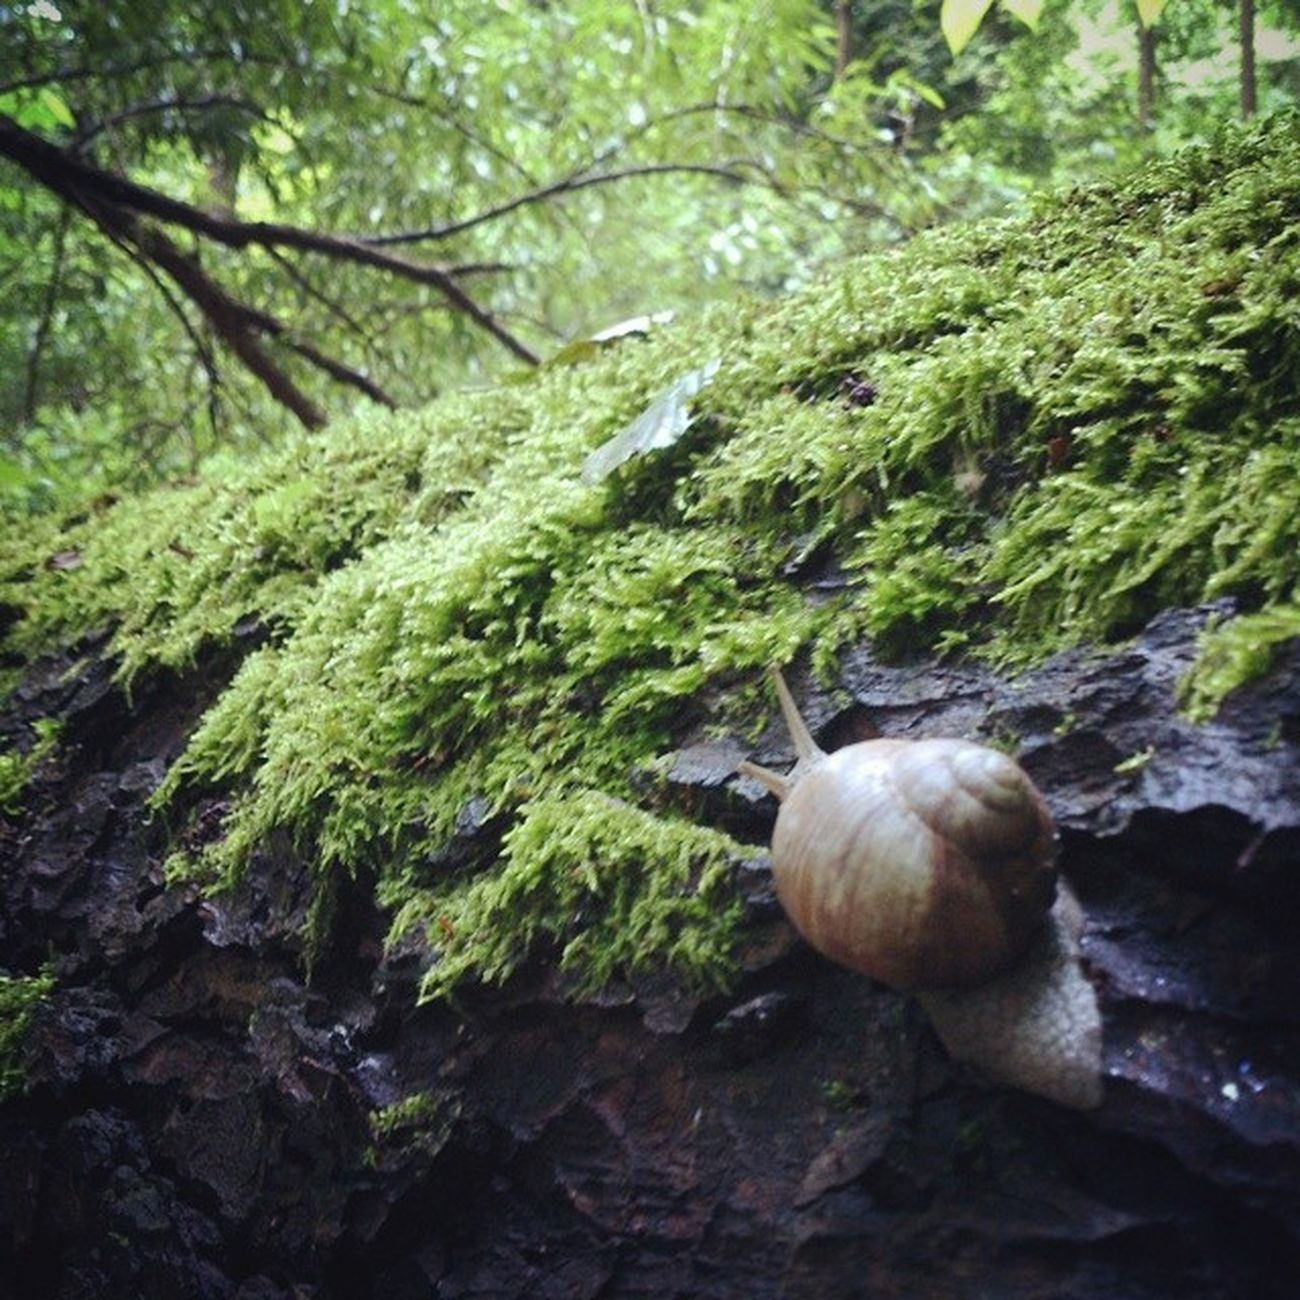 Несмотря на погоду, дорогу осилит идущий сырец Киев город Syrets forest forest_trip лес дневник_наблюдателя kiev insta_kiev kievblog thekievblog wowkiev kievgram природа nature болото swamp